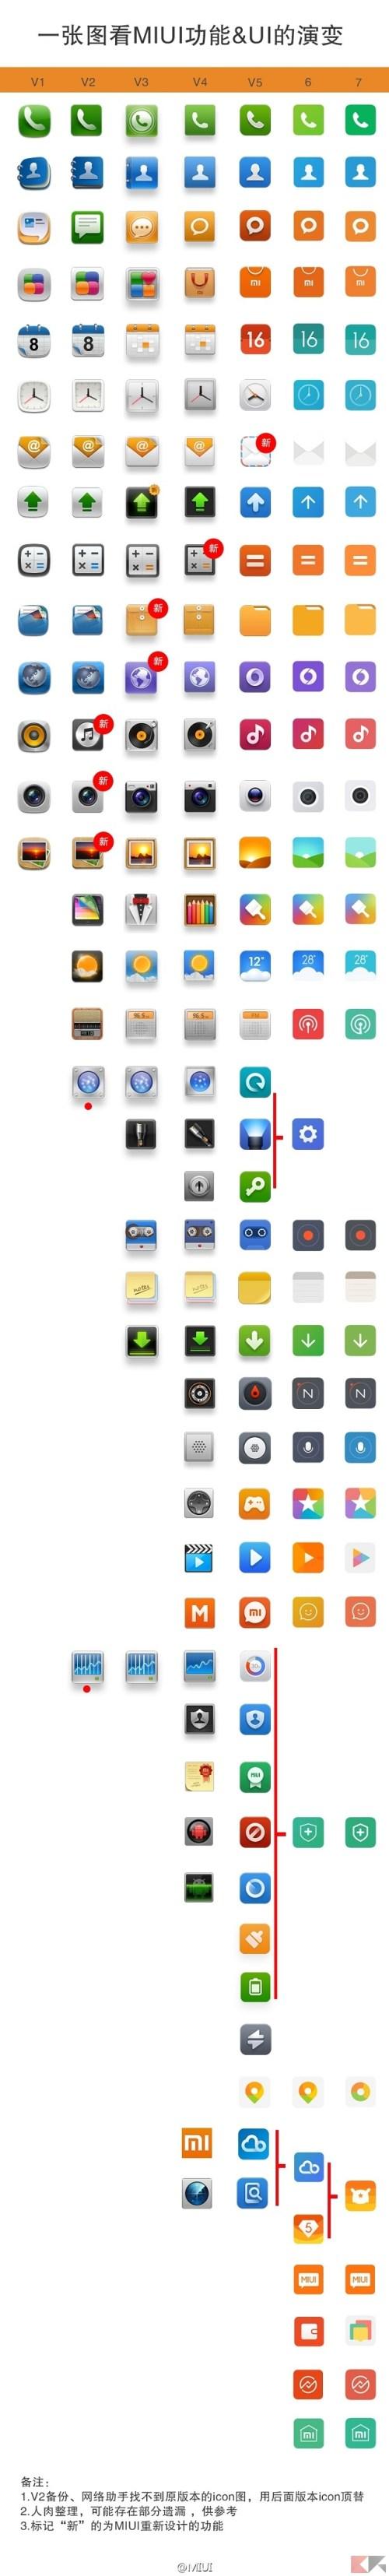 MIUI icone fino a MIUI 7